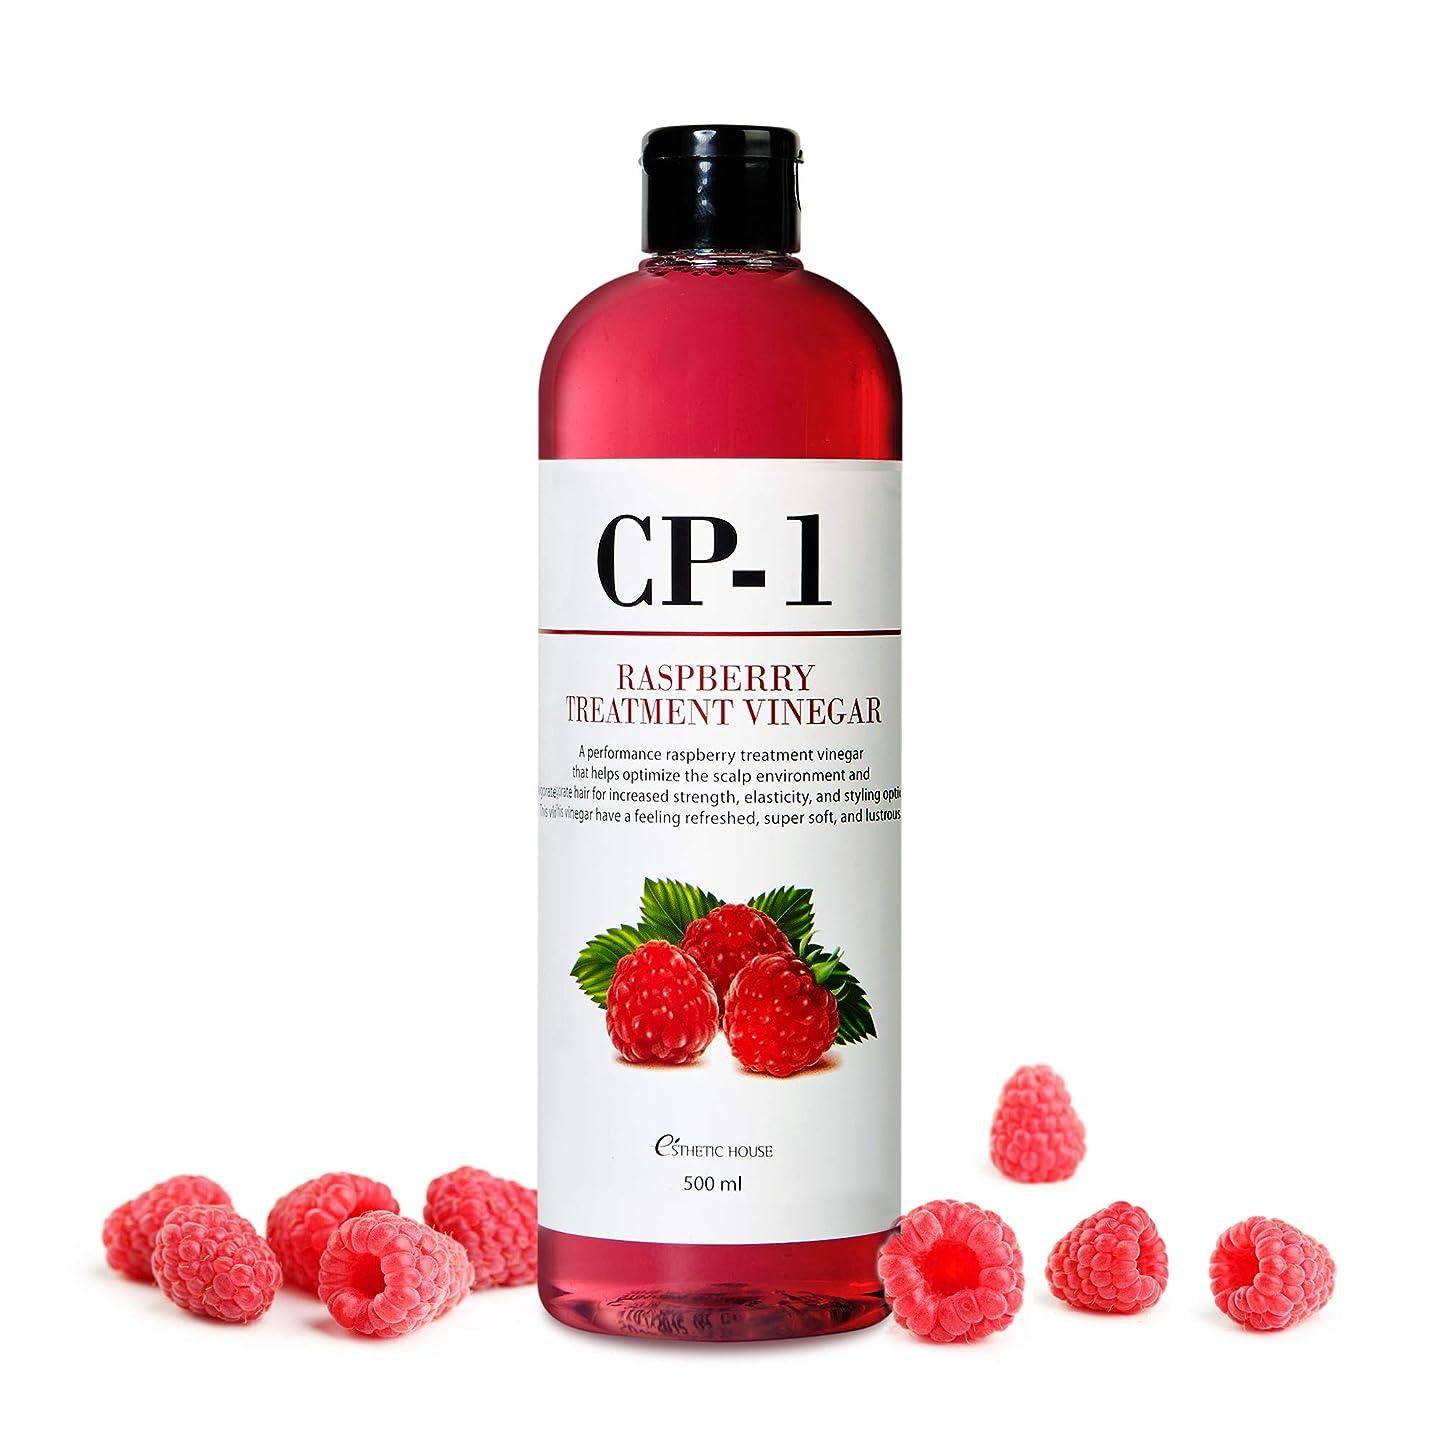 お香アデレード一致するエステティックハウス[Esthetic House] CP-1 ラズベリートリートメントビネガー500ml (なだめるような)/ Rasberry Treatment Vinegar